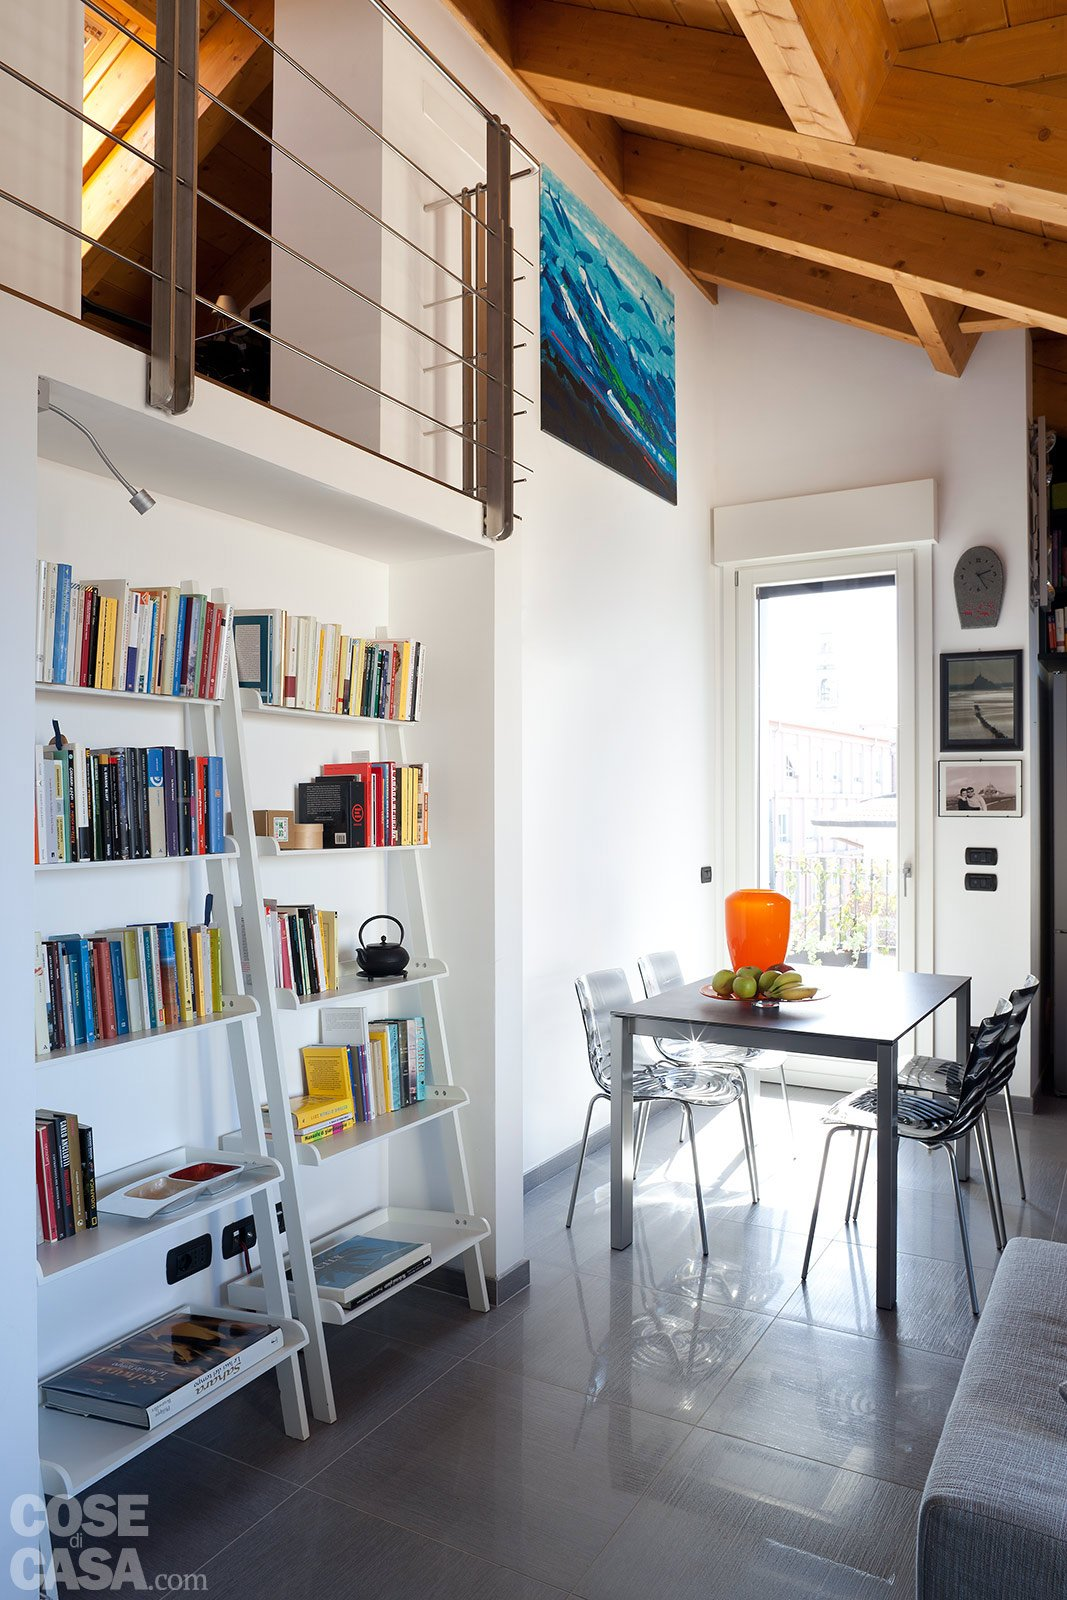 90 10 mq per una casa che sfrutta bene gli spazi cose di for Piccole planimetrie della casa con le foto